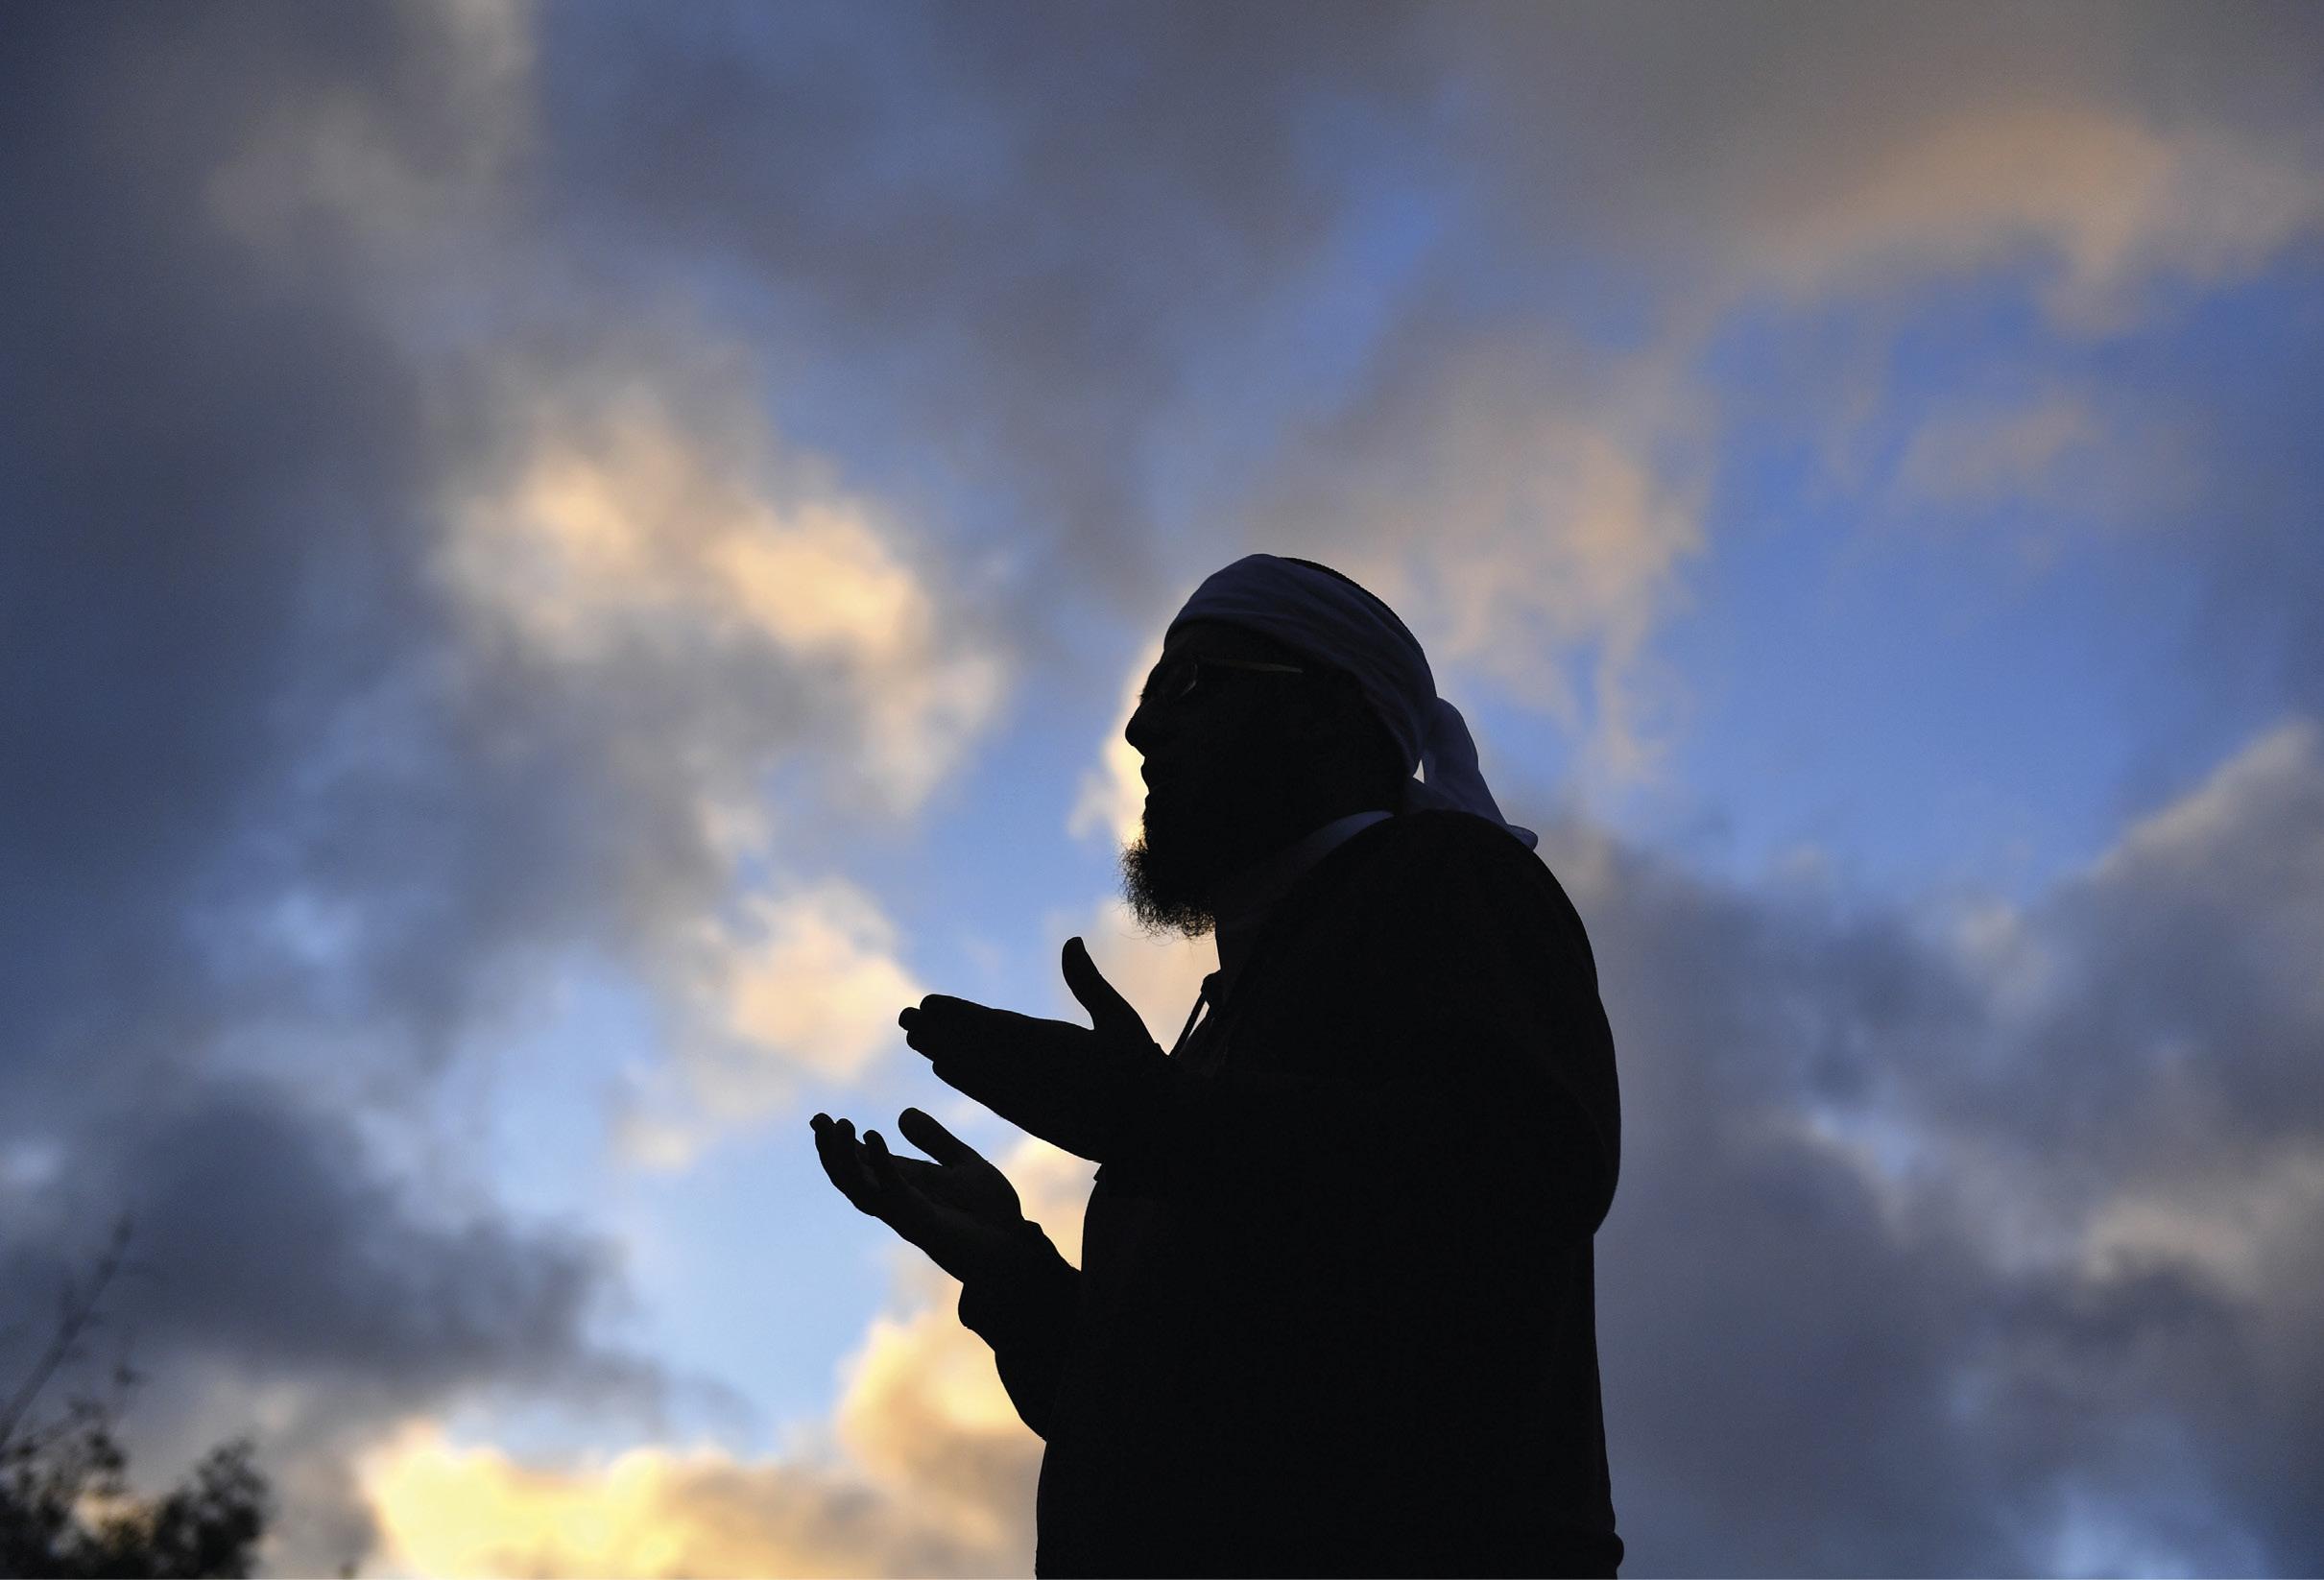 Mufti Zeeyad Ravat preside às orações da noite em frente a um memorial improvisado na Mesquita Al Noor, em Christchurch, Nova Zelândia, onde um atirador, que se acredita ser um australiano de 28 anos, matou 50 fieis. EPA / MICK TSIKAS AUSTRÁLIA E NOVA ZELÂNDIA.